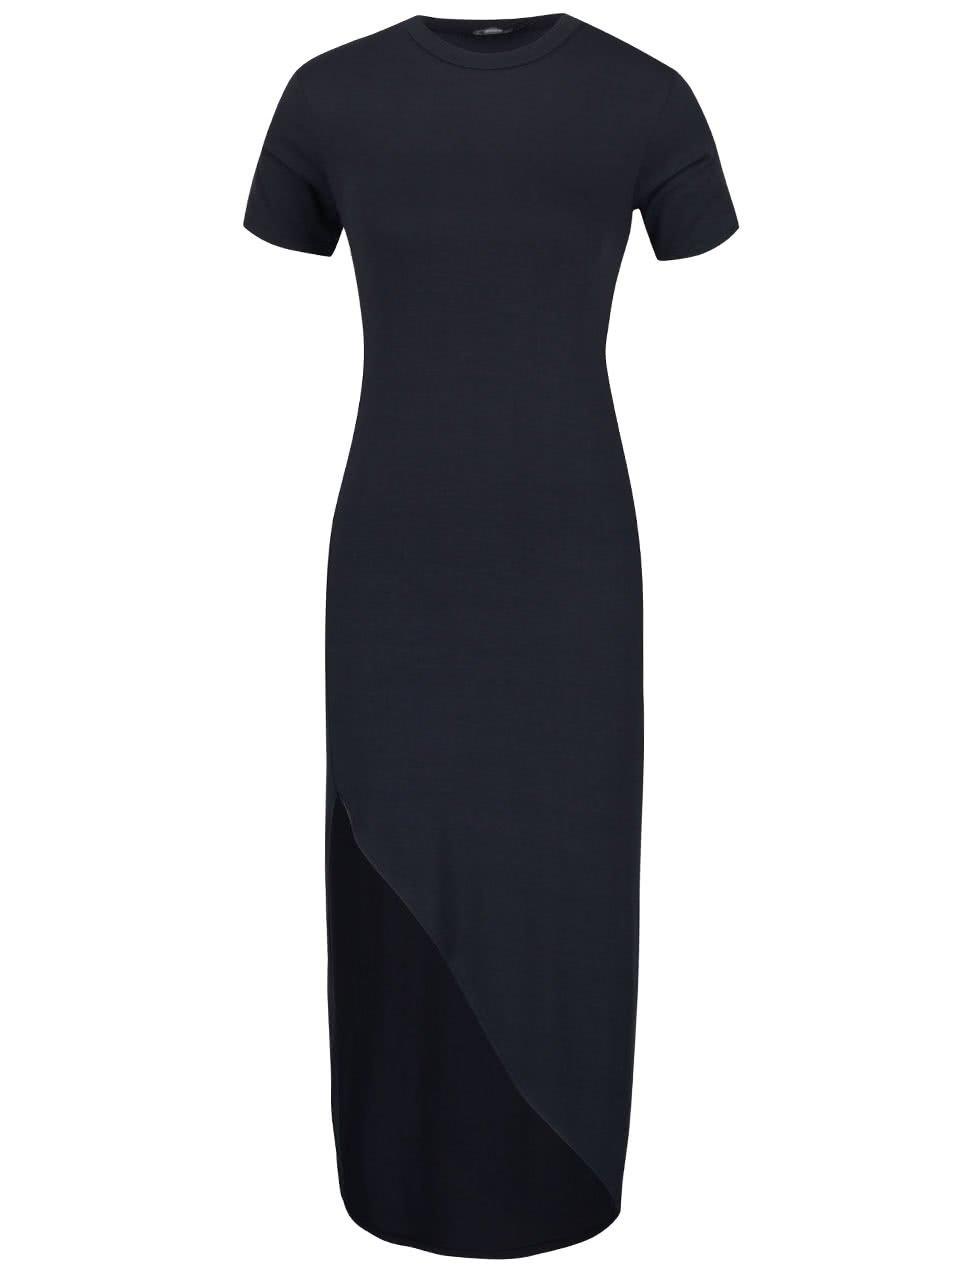 Tmavě modré dlouhé asymetrické šaty s krátkým rukávem ZOOT